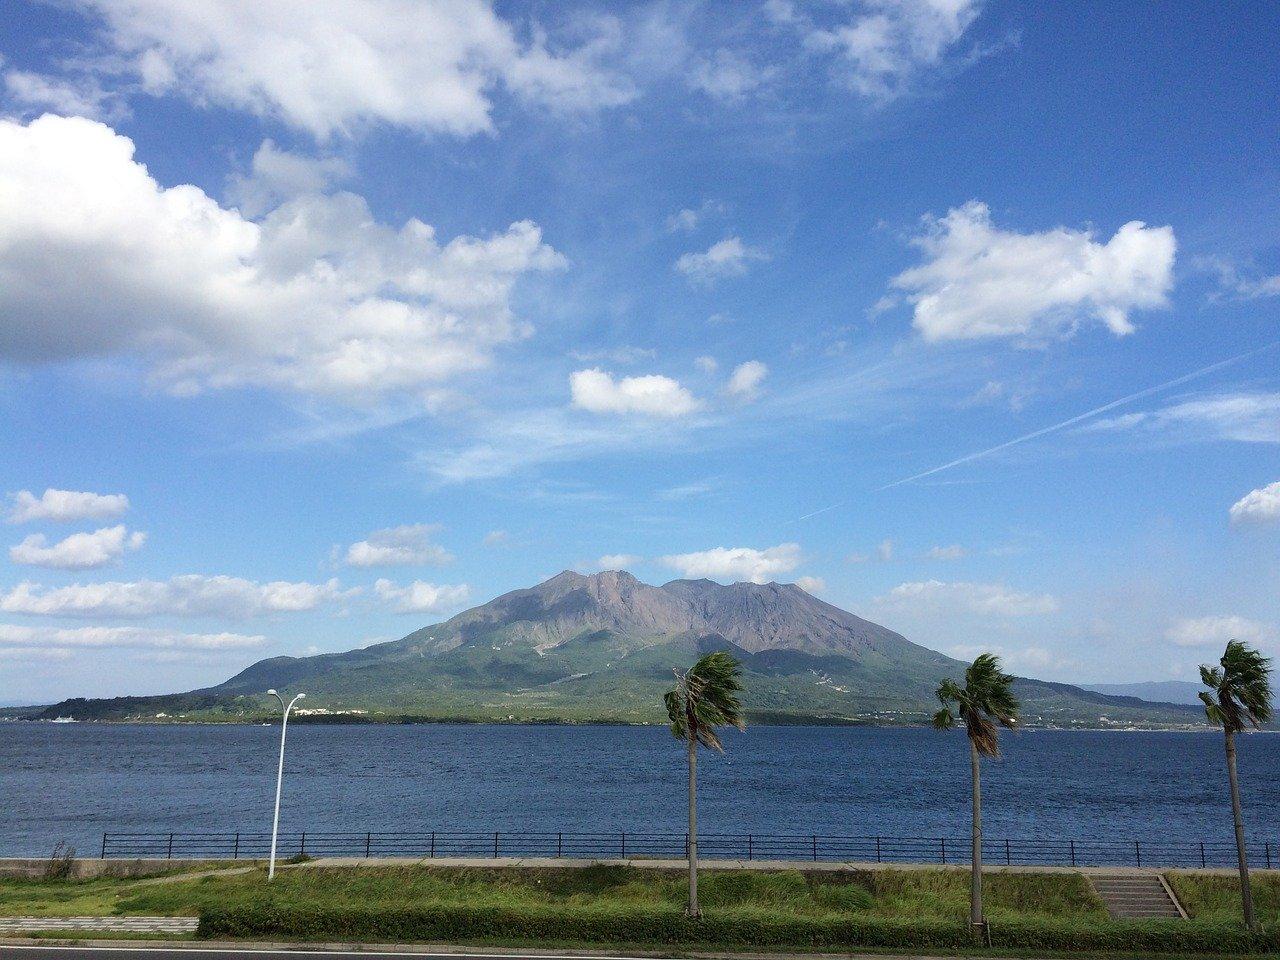 Sakura Jima vulkaan nabij Kagoshima